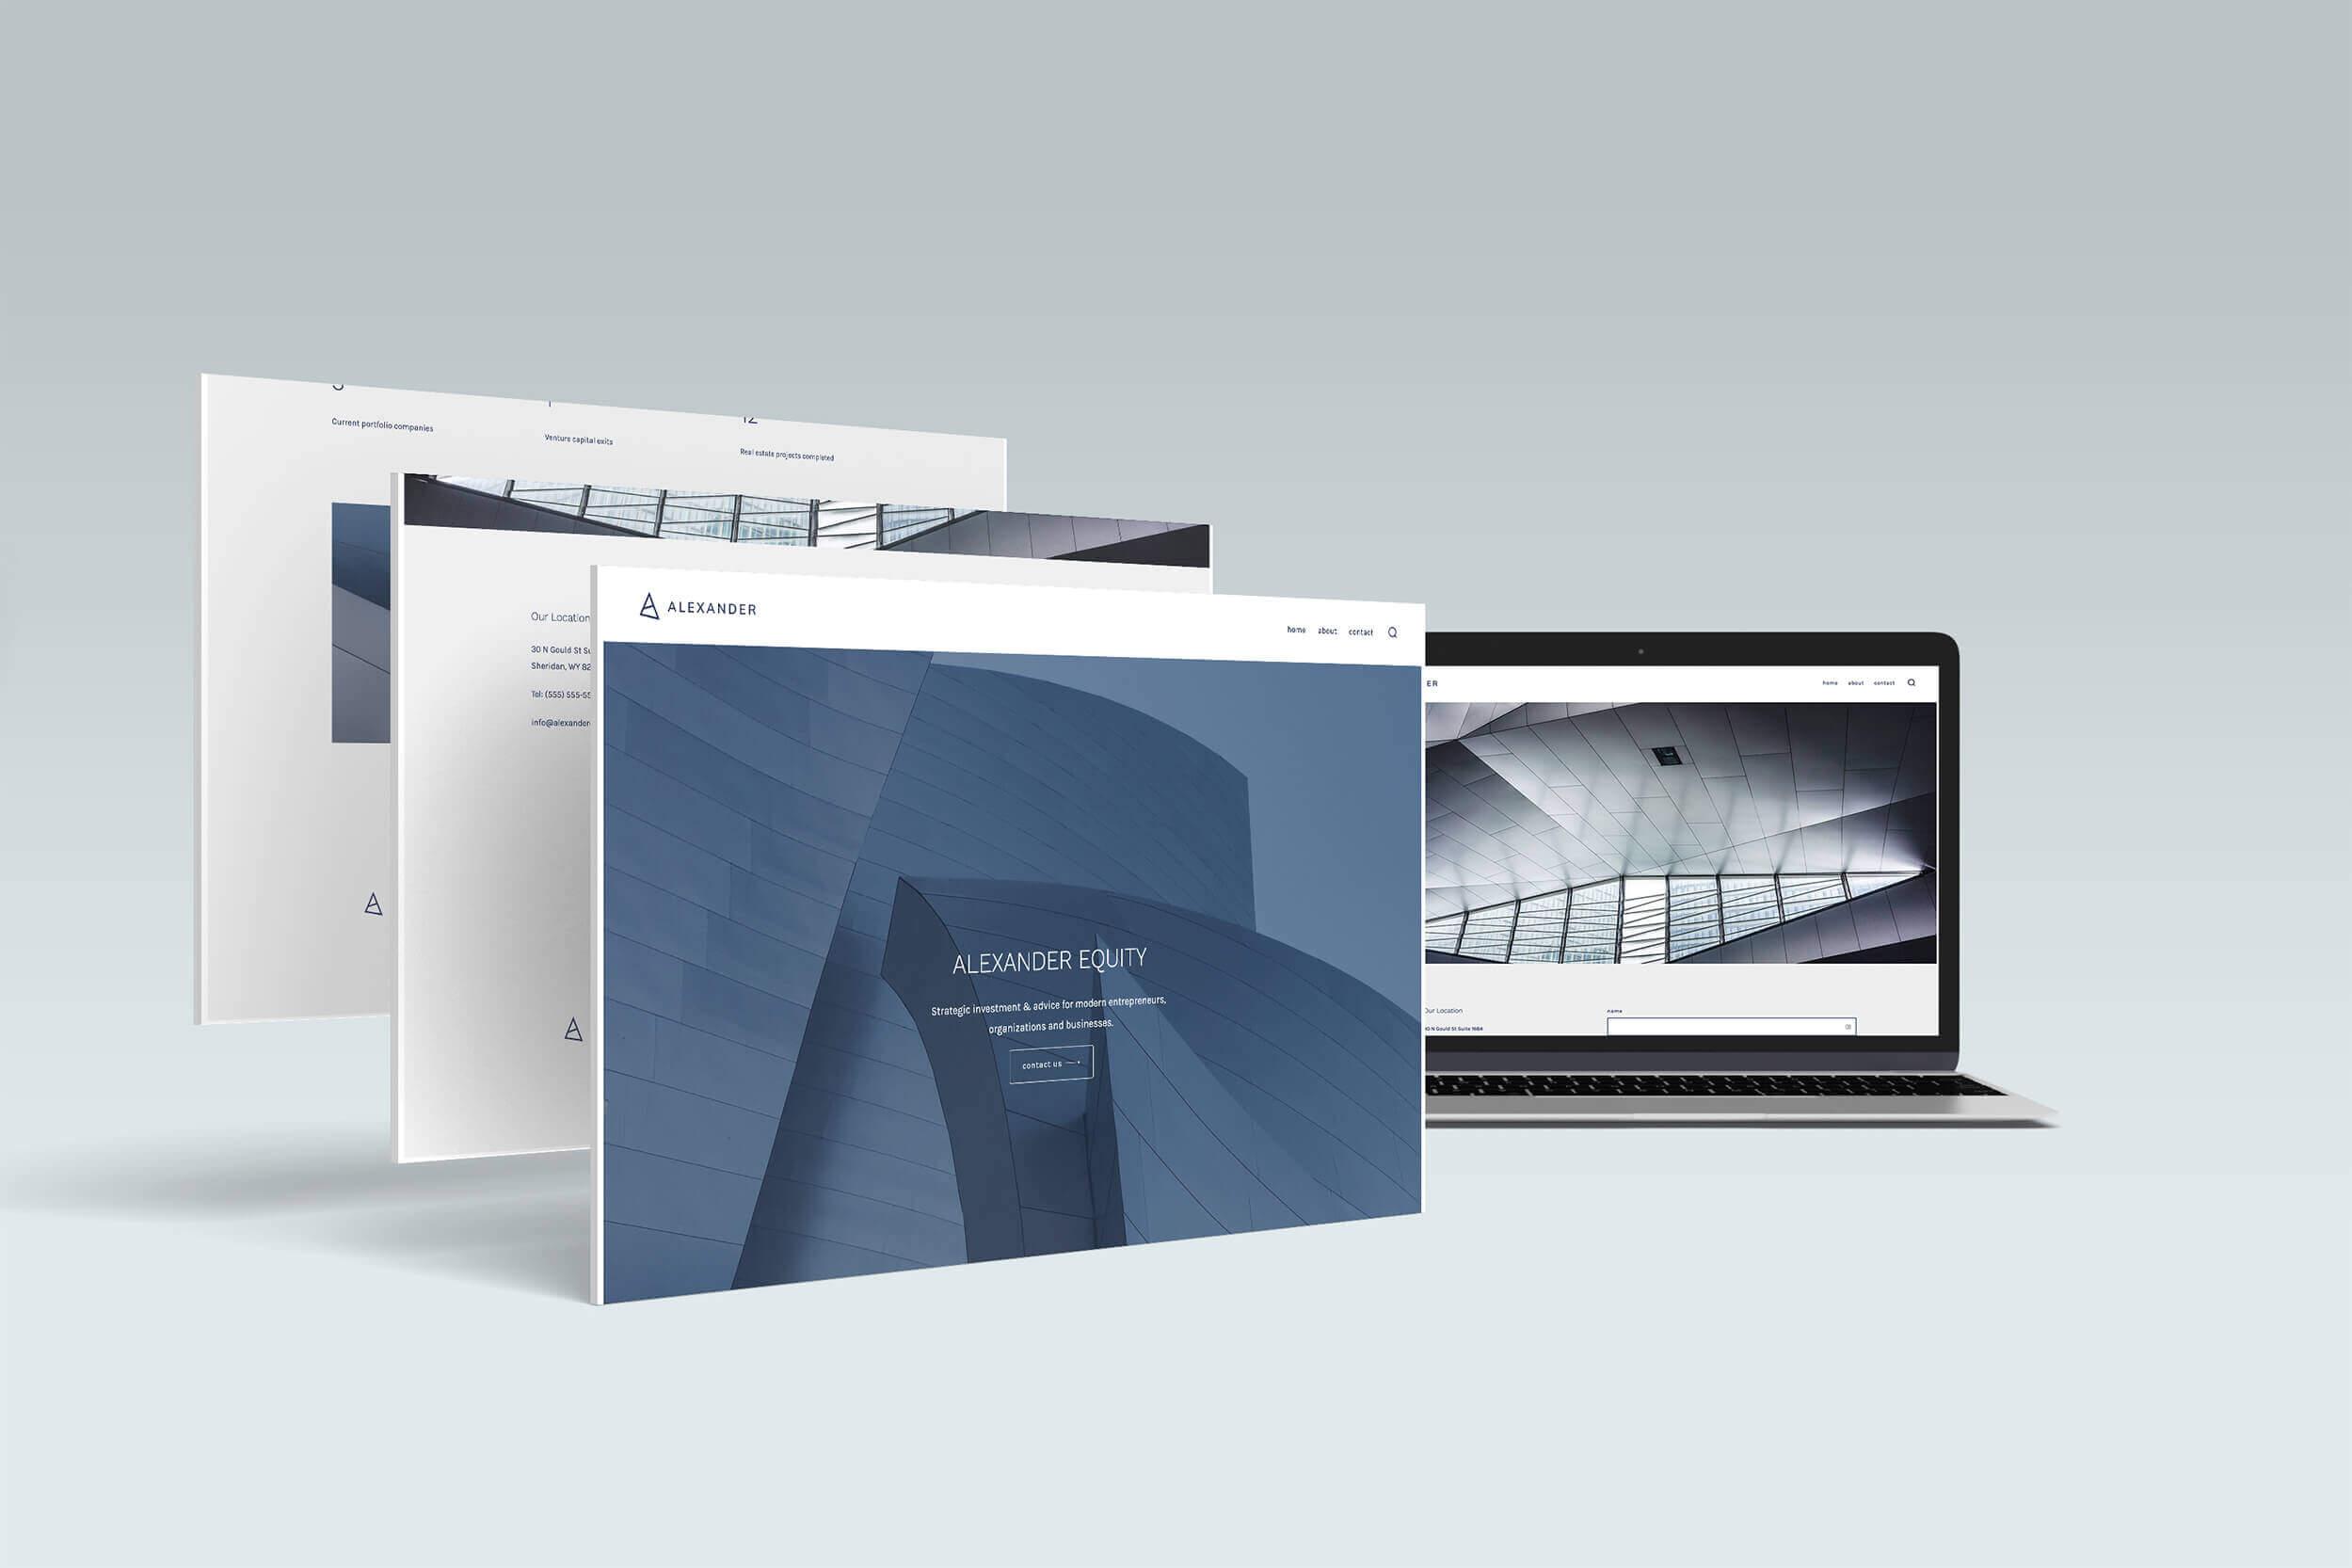 Alexander-Equity-website-design-cyprus-1